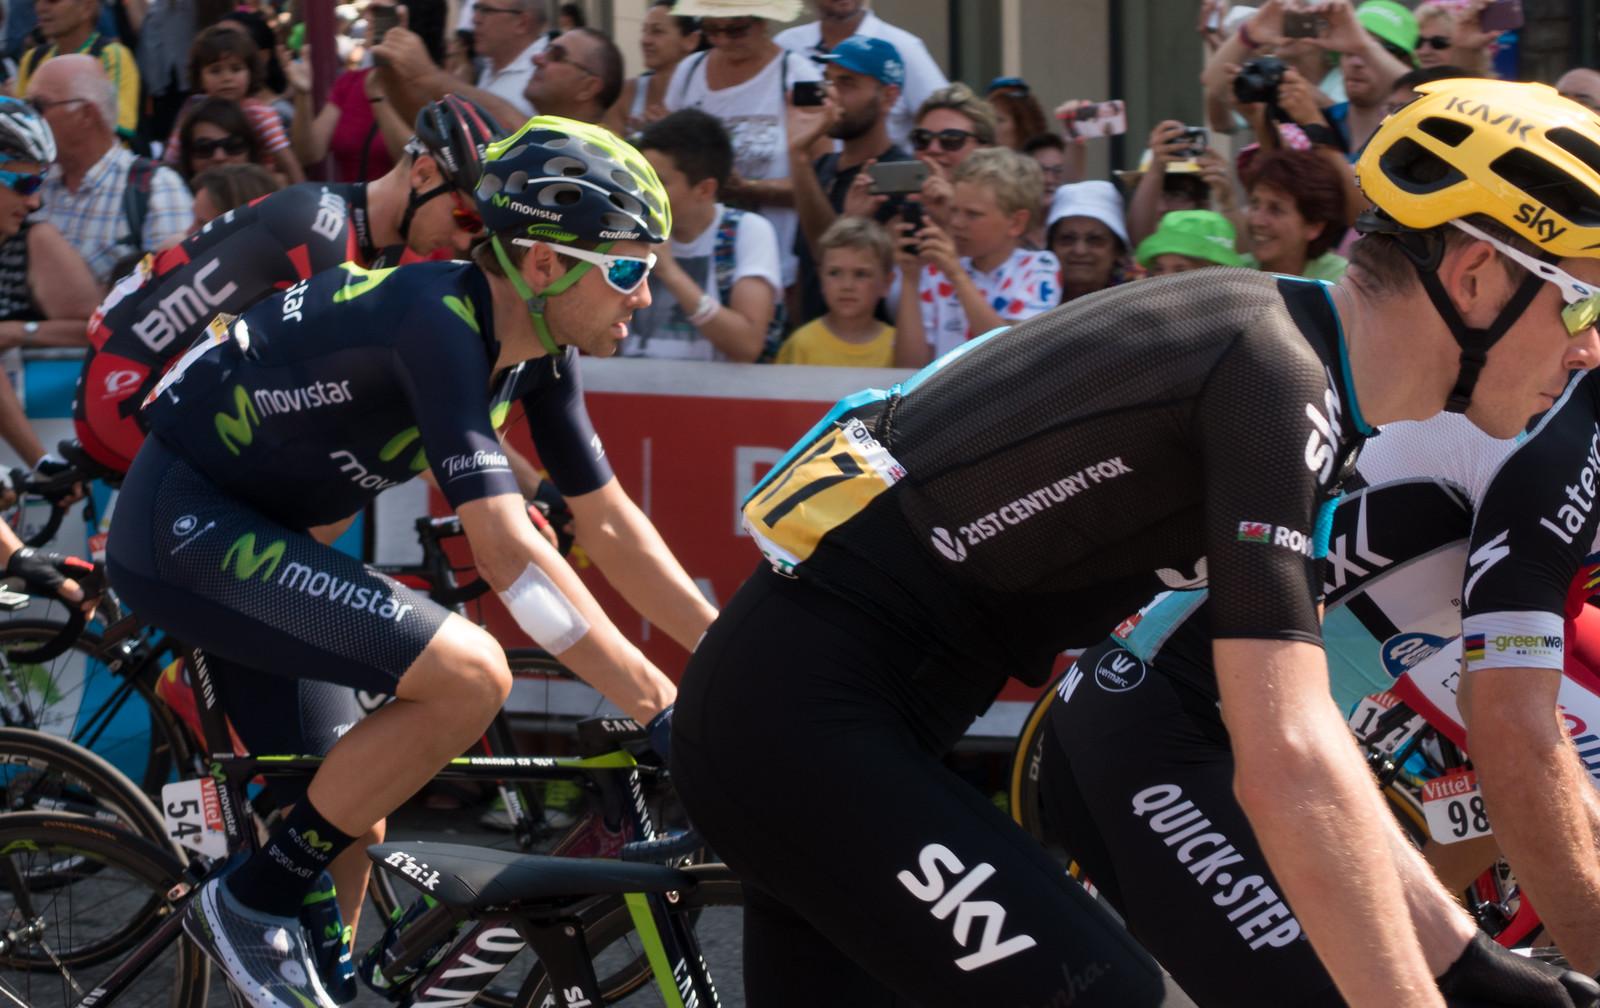 Tour de France 2015 - Stage 12-14